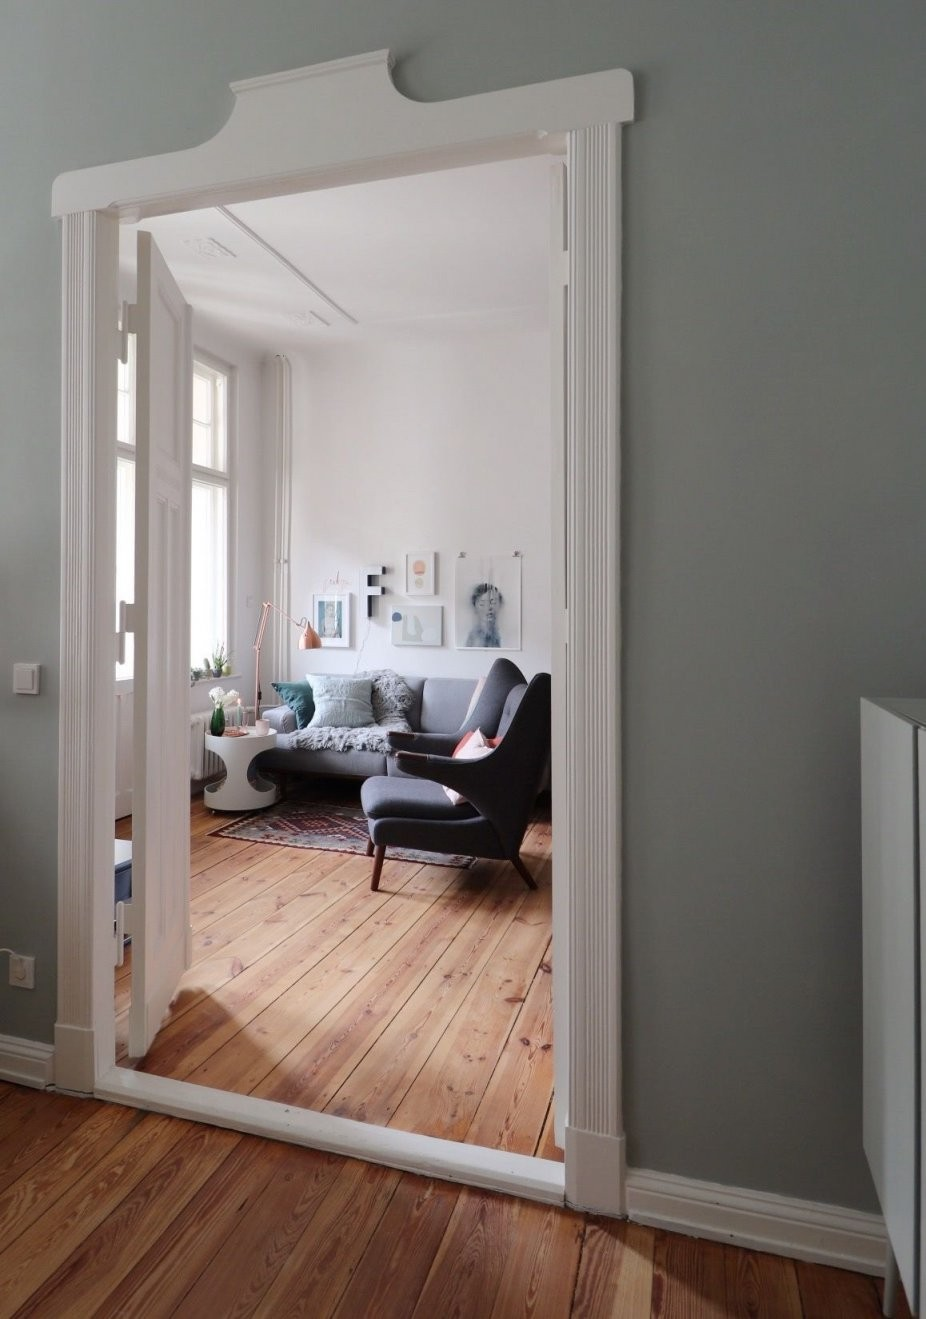 Graue Sofas Ideen Für Dein Wohnzimmer von Graues Sofa Welche Wandfarbe Photo